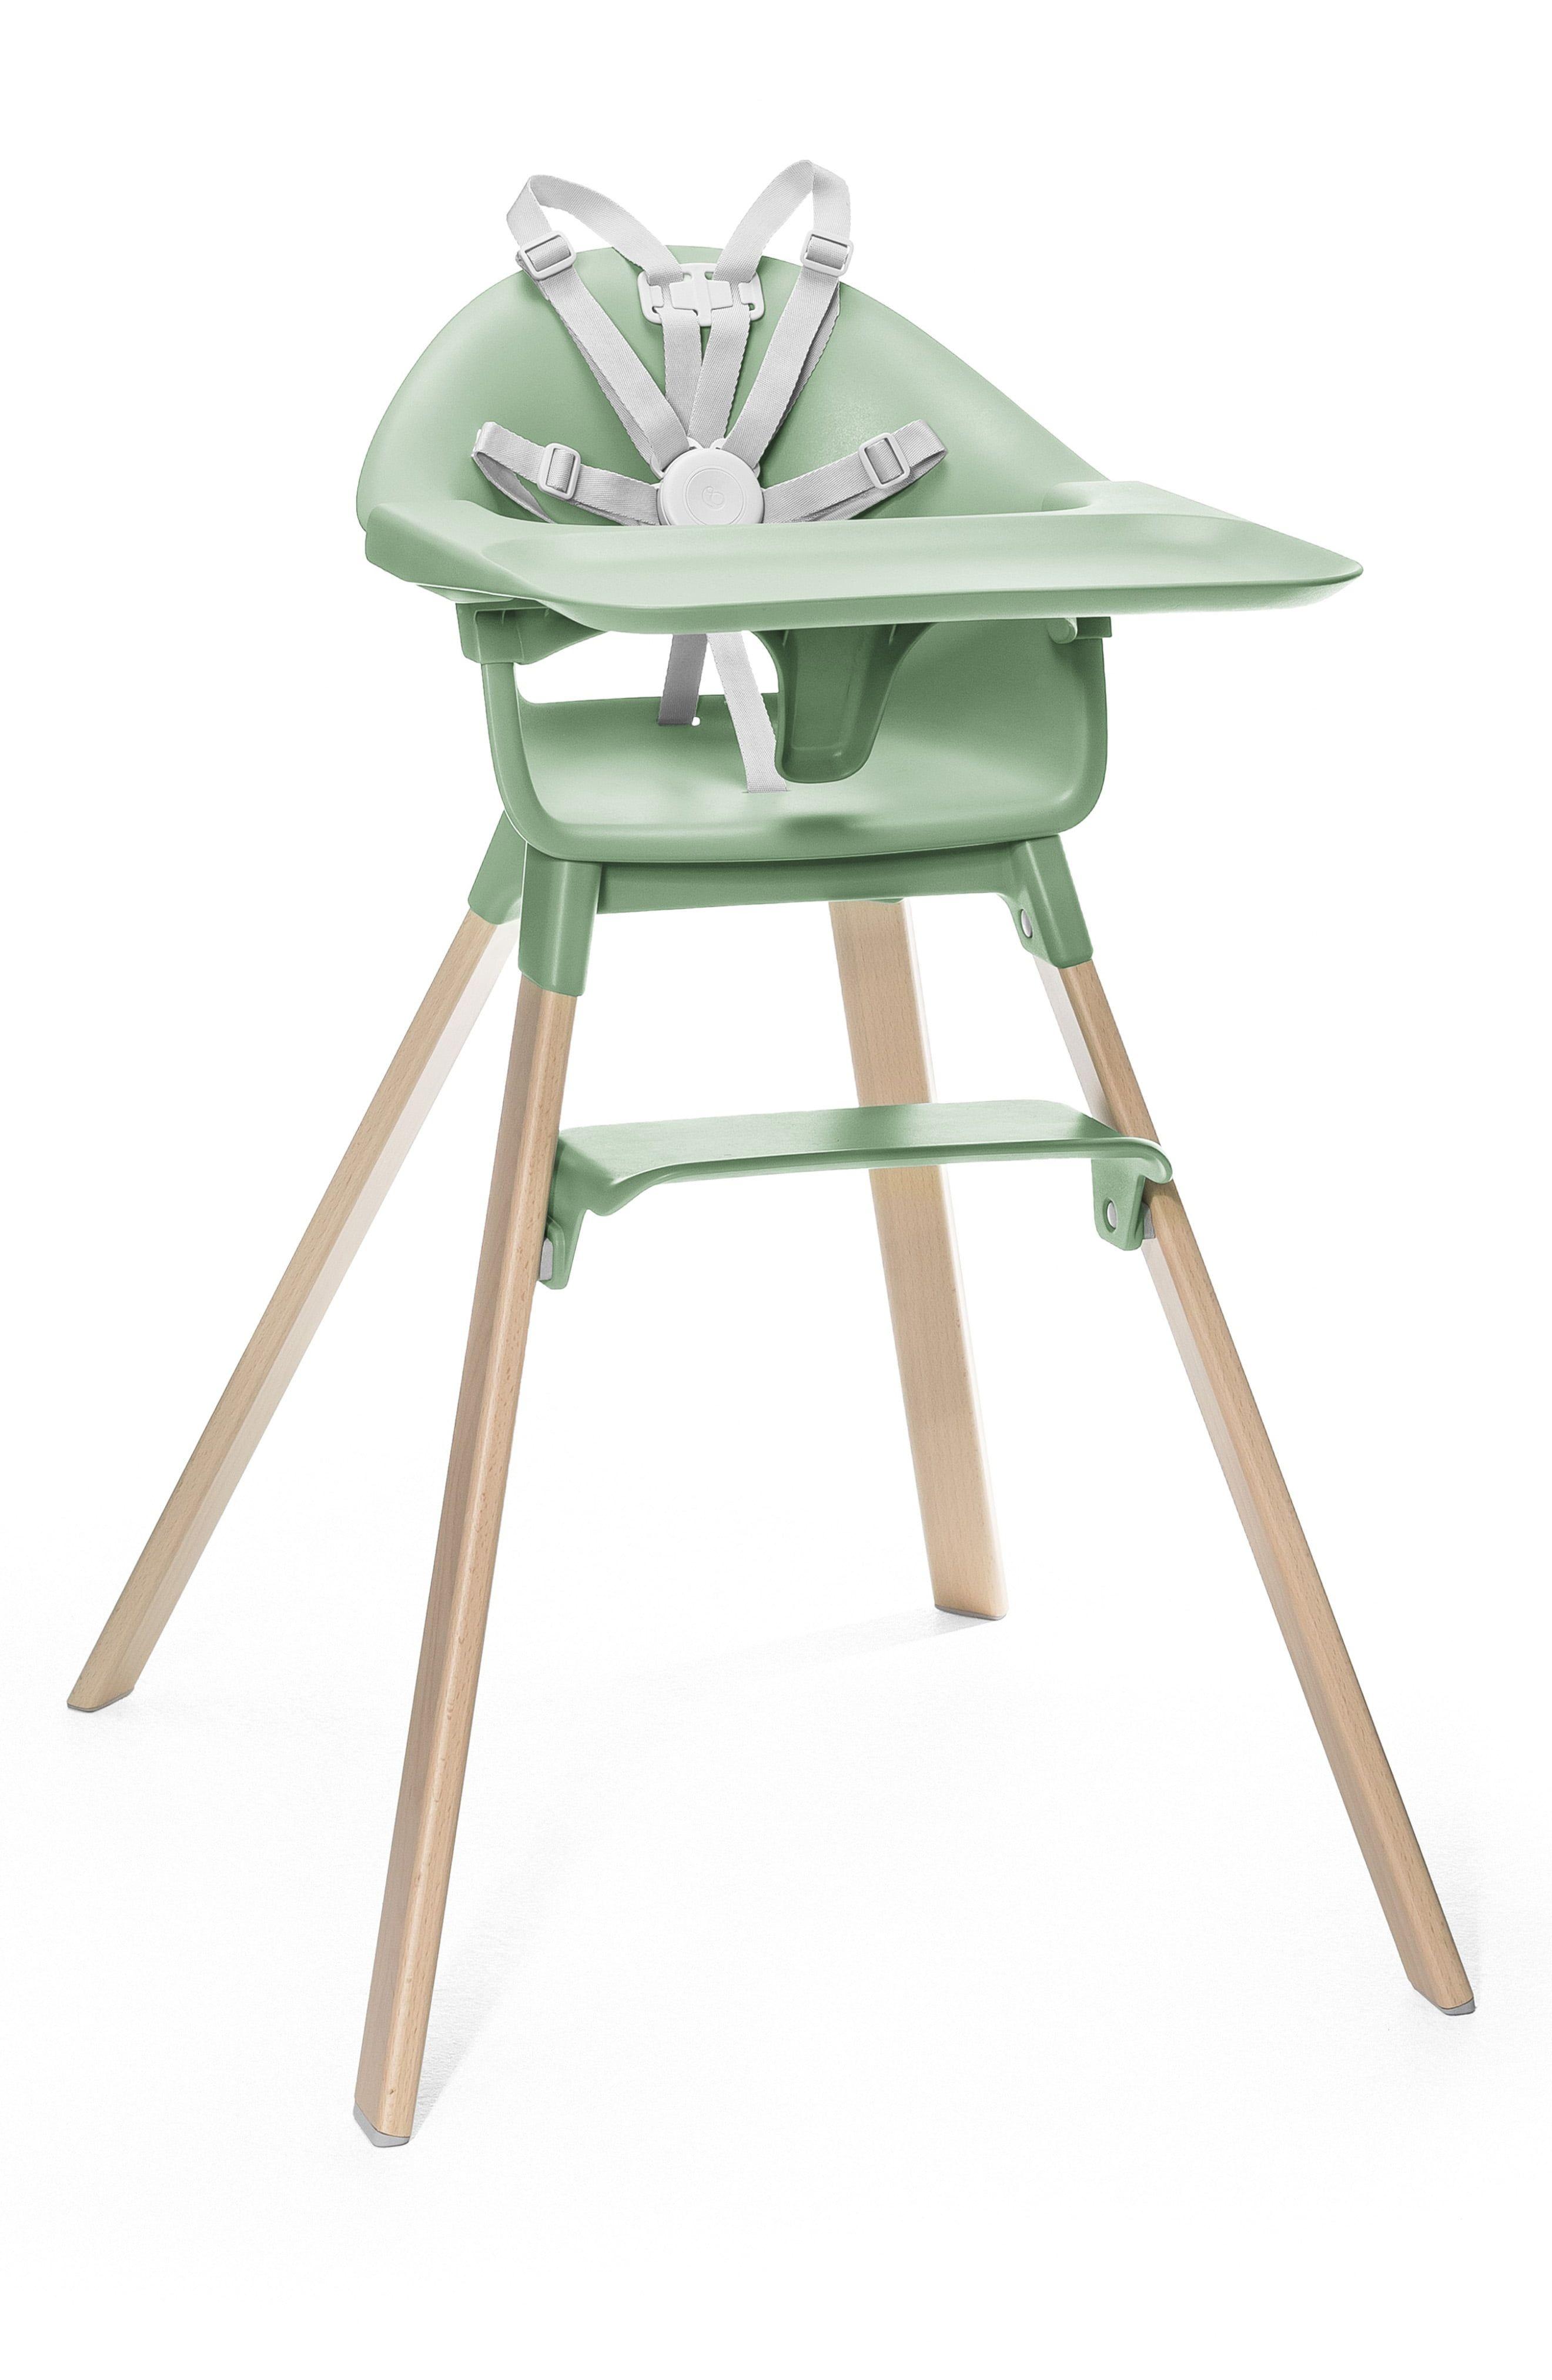 Stokke Clikk Highchair Nordstrom In 2020 Stokke High Chair High Chair Baby High Chair